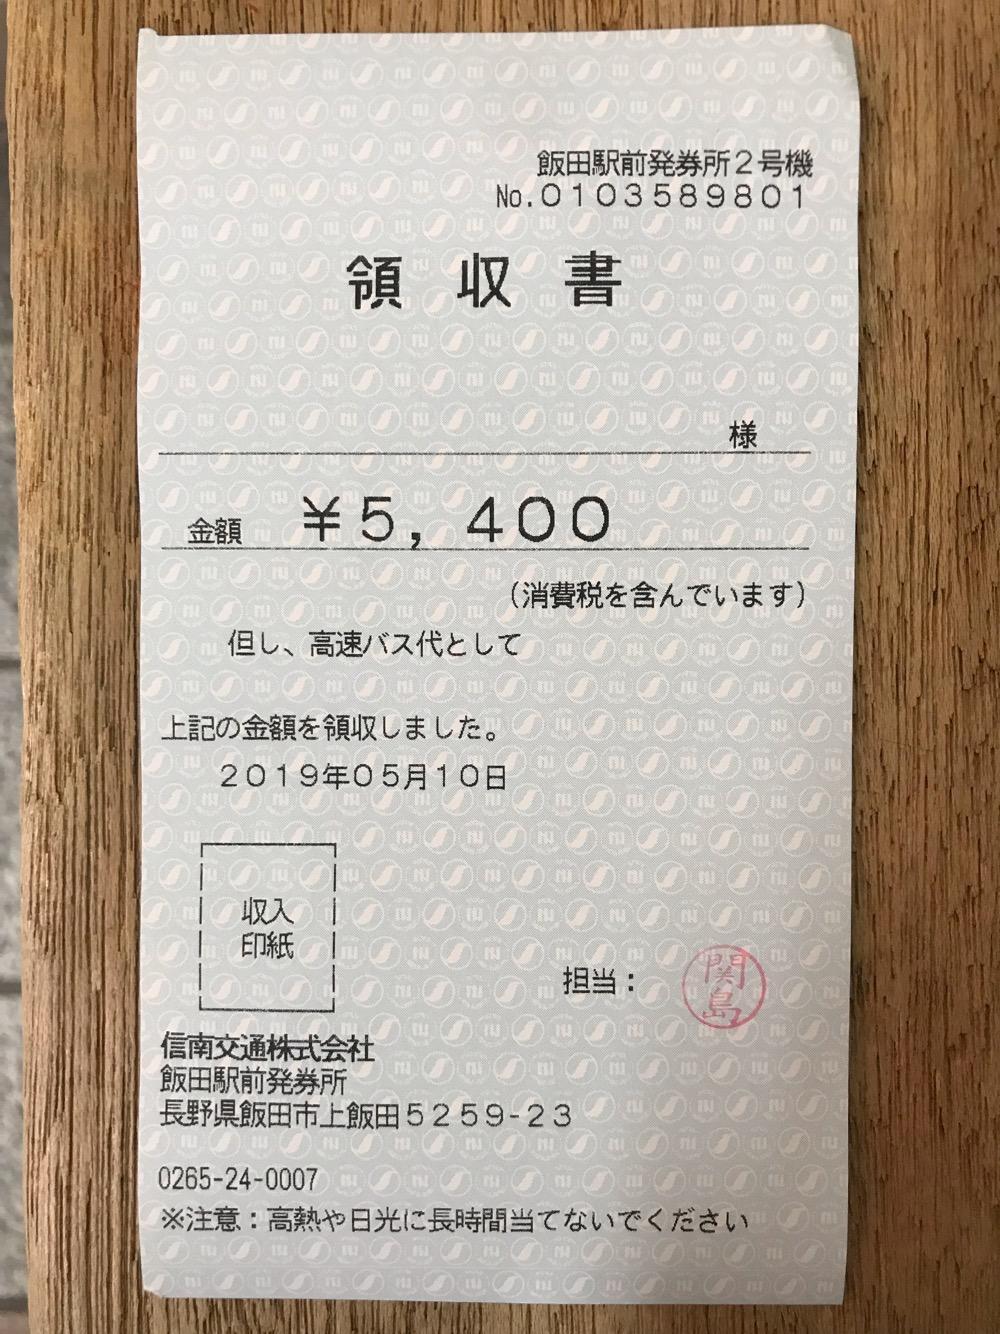 中央高速バス乗車券 新宿~伊那・飯田線(バスタ新宿(南口)行き)の領収書